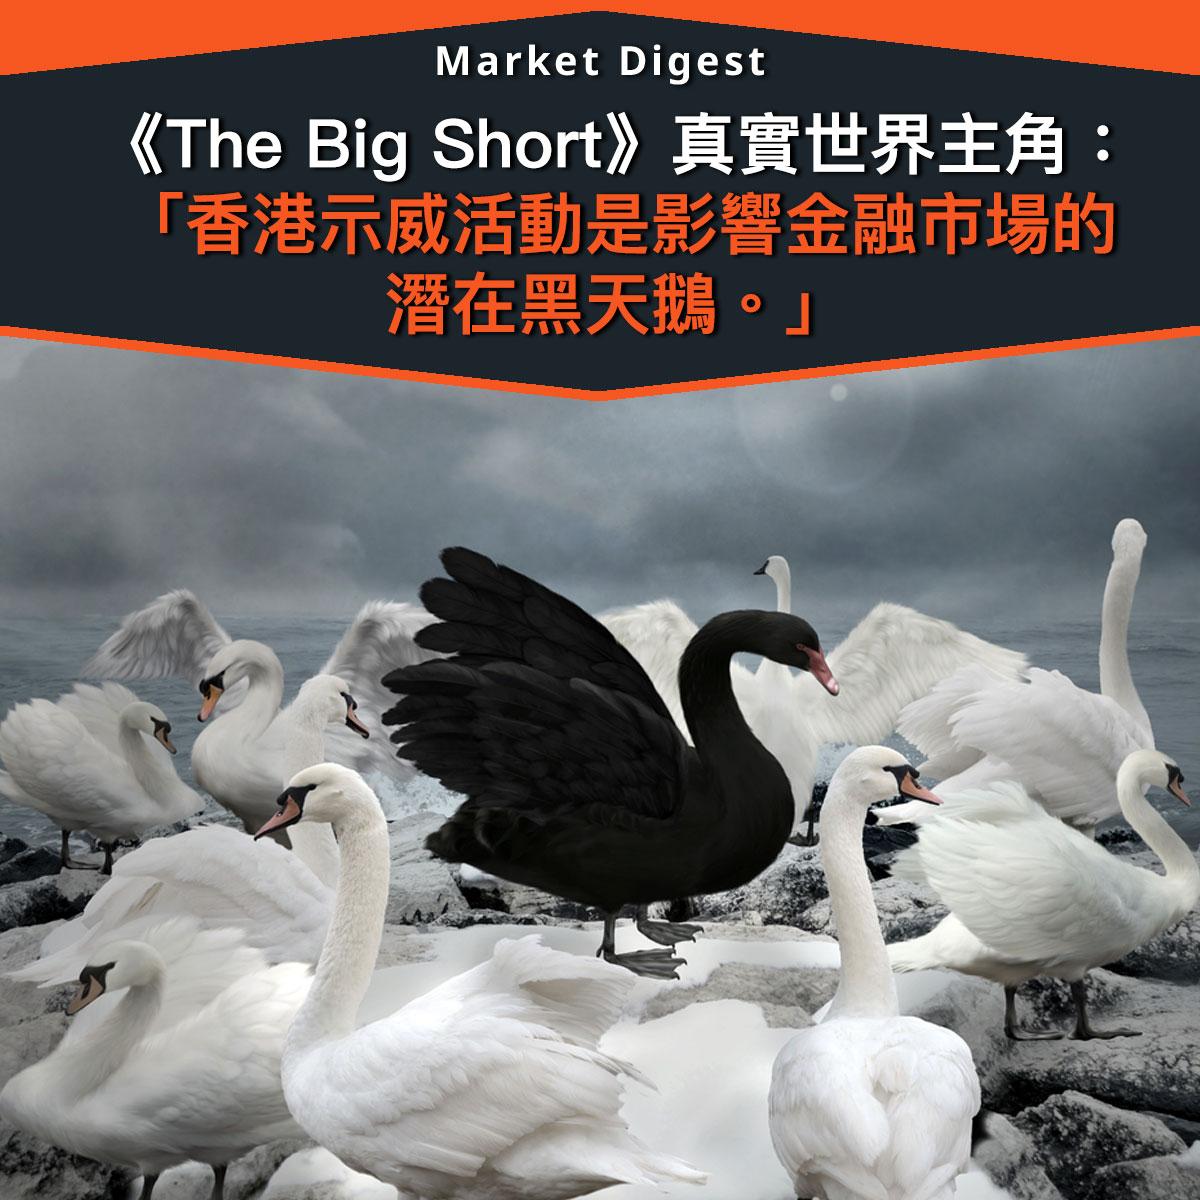 《The Big Short》真實世界主角: 「香港示威活動是影響金融市場的 潛在黑天鵝。」